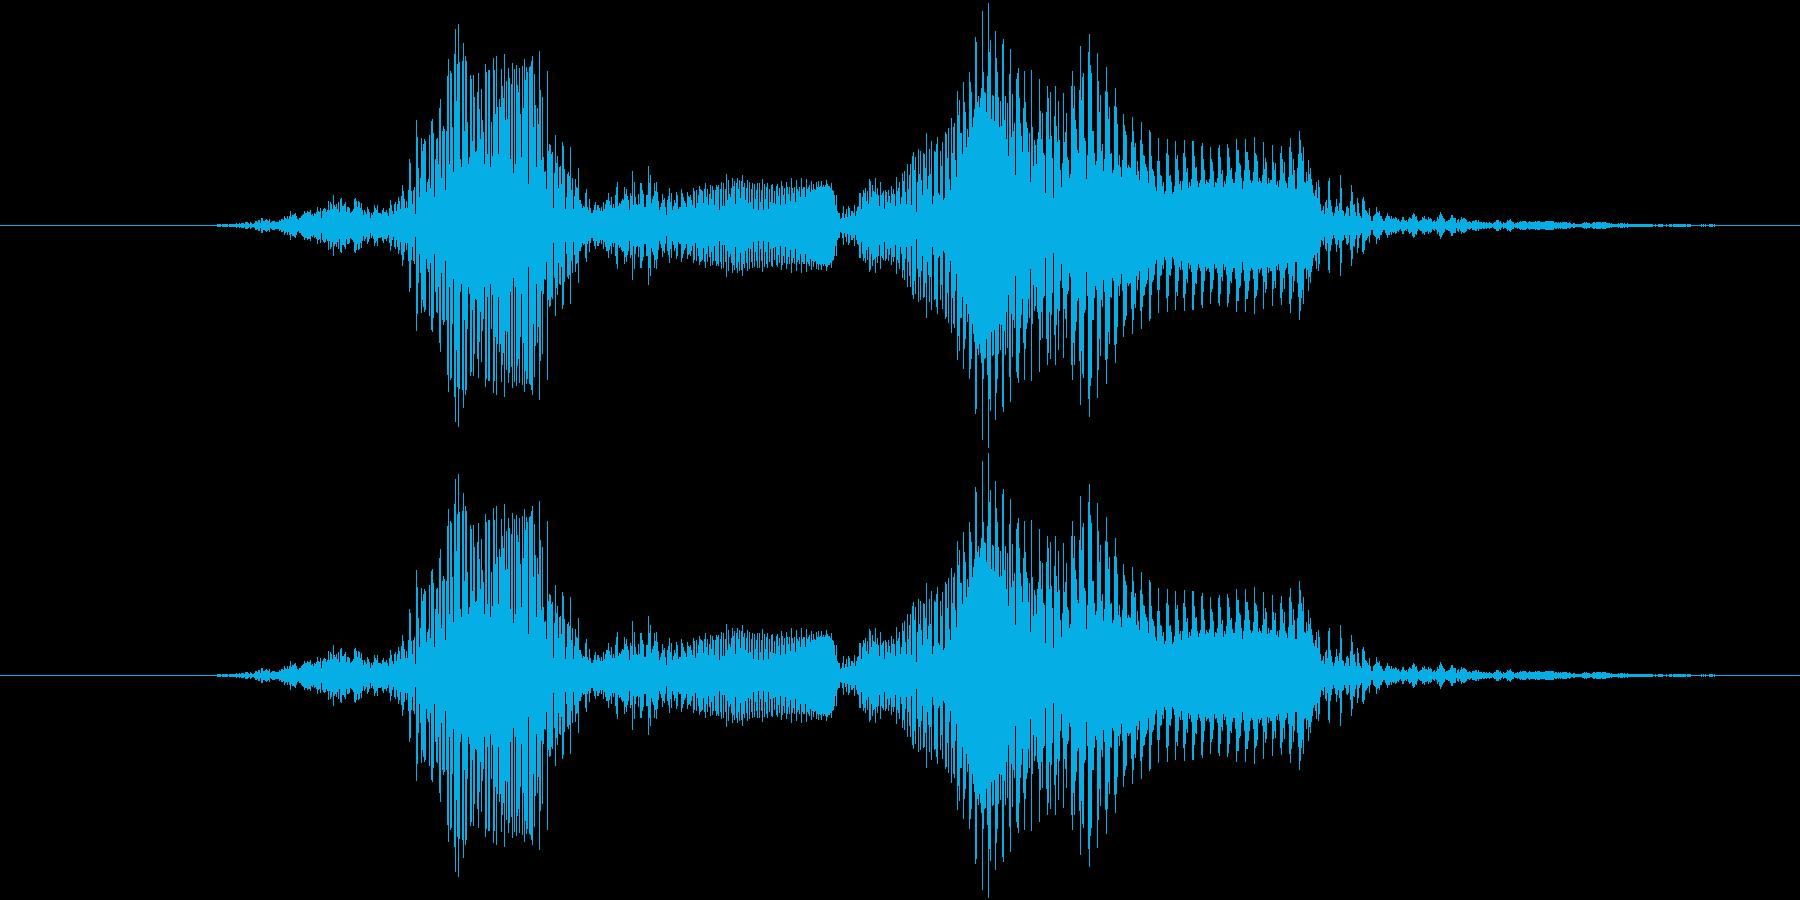 ハズレ〜の再生済みの波形